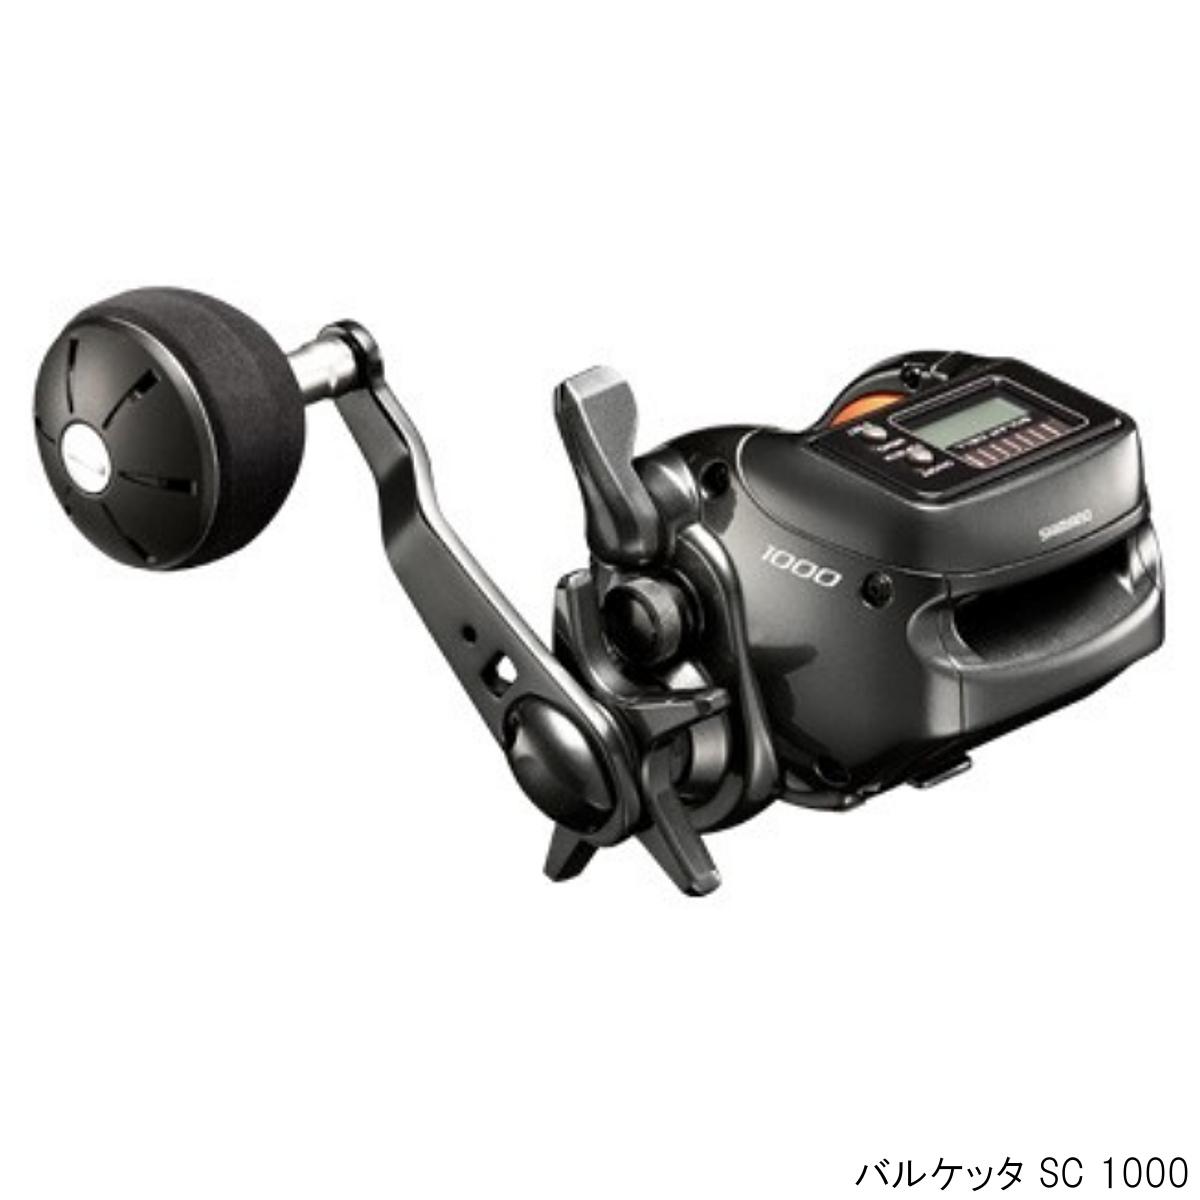 シマノ バルケッタ SC 1000